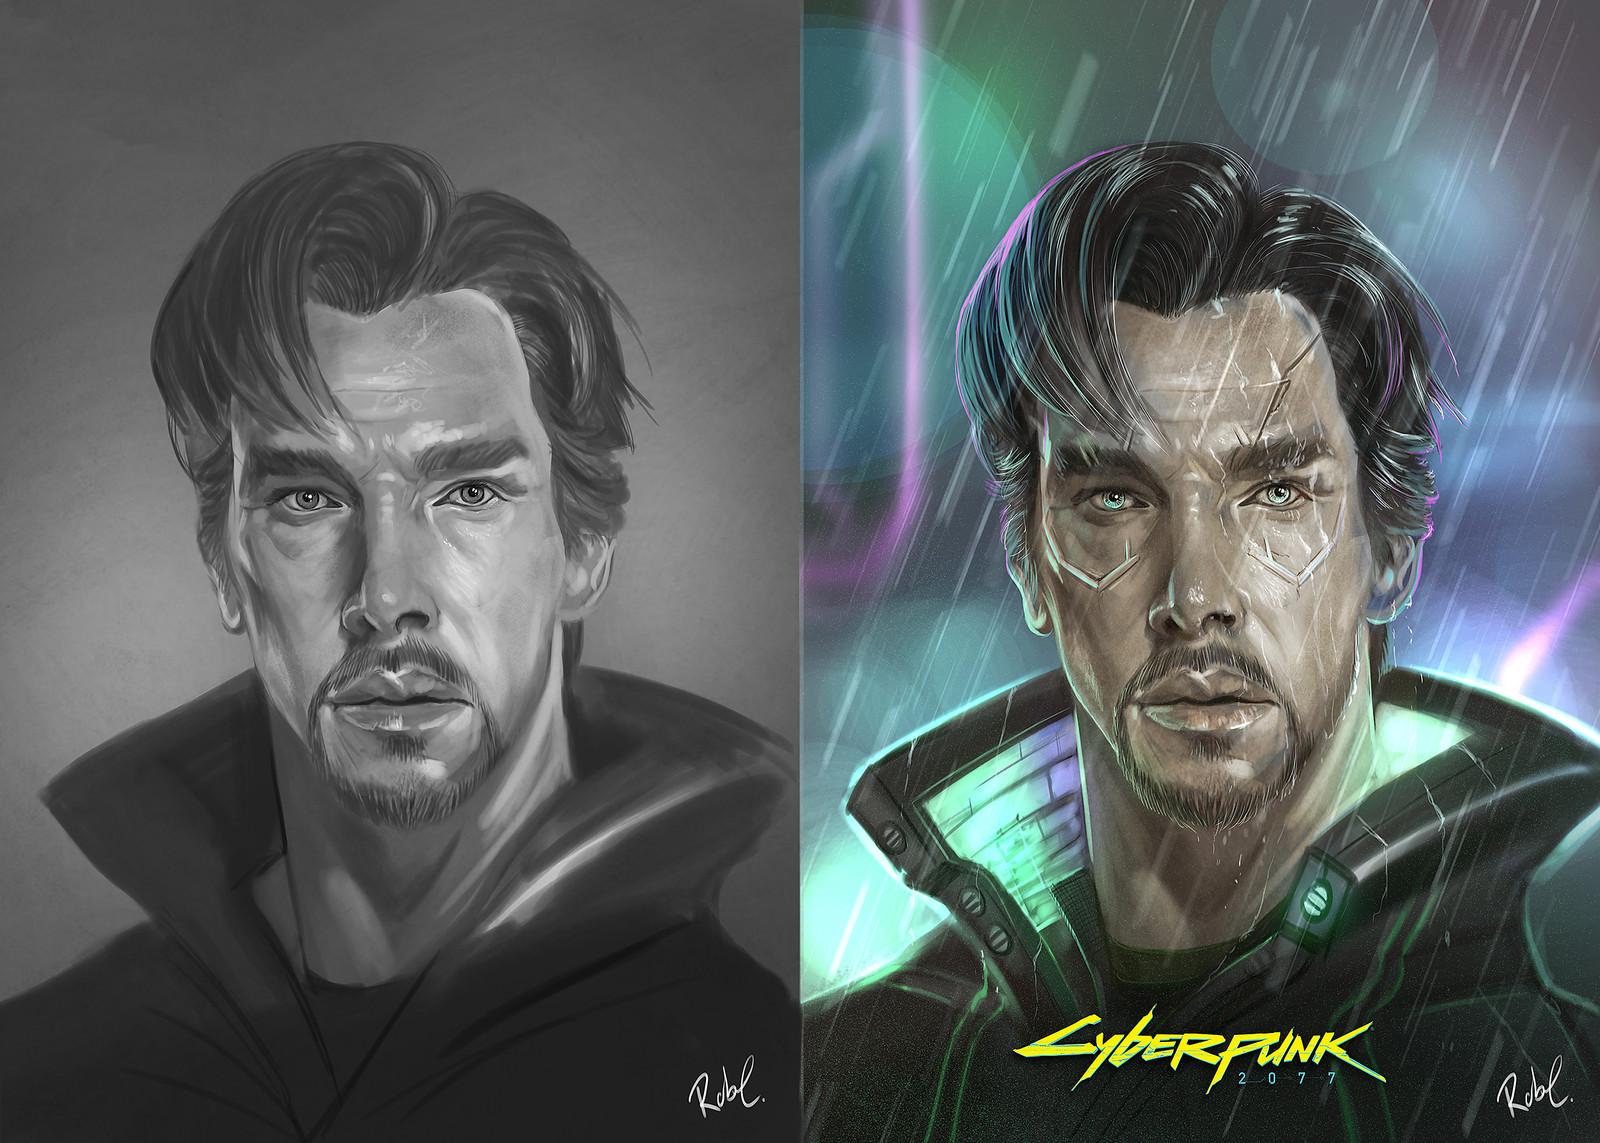 Cyberpunk 2077 Fan Art - Dr Strange